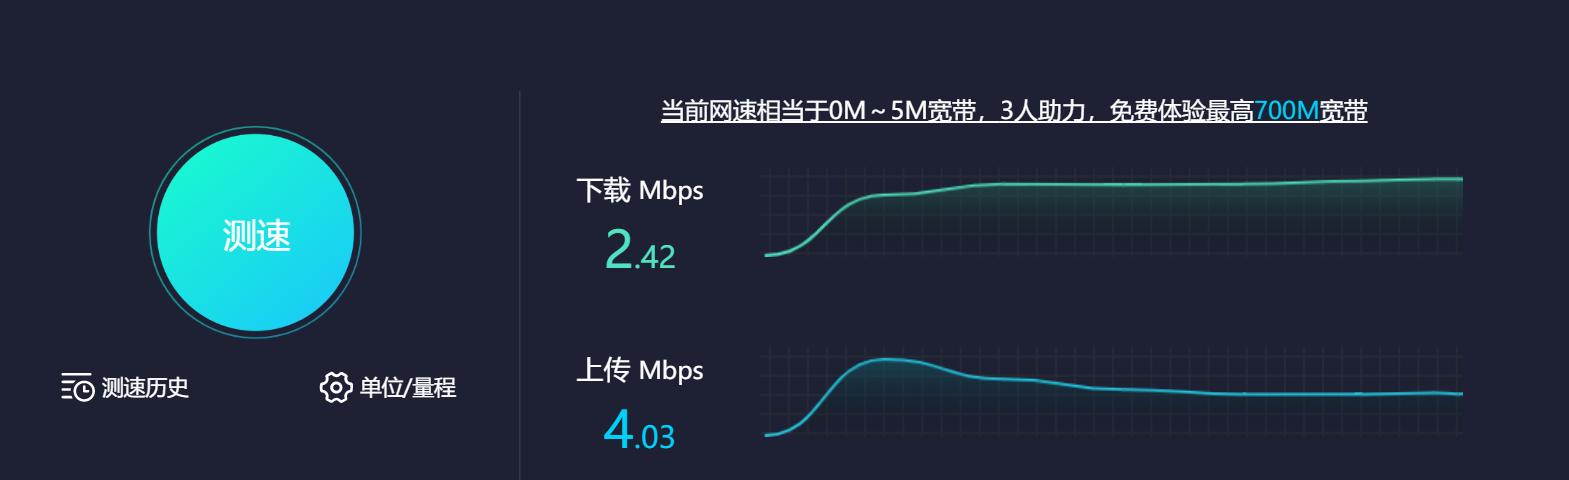 网速.jpg